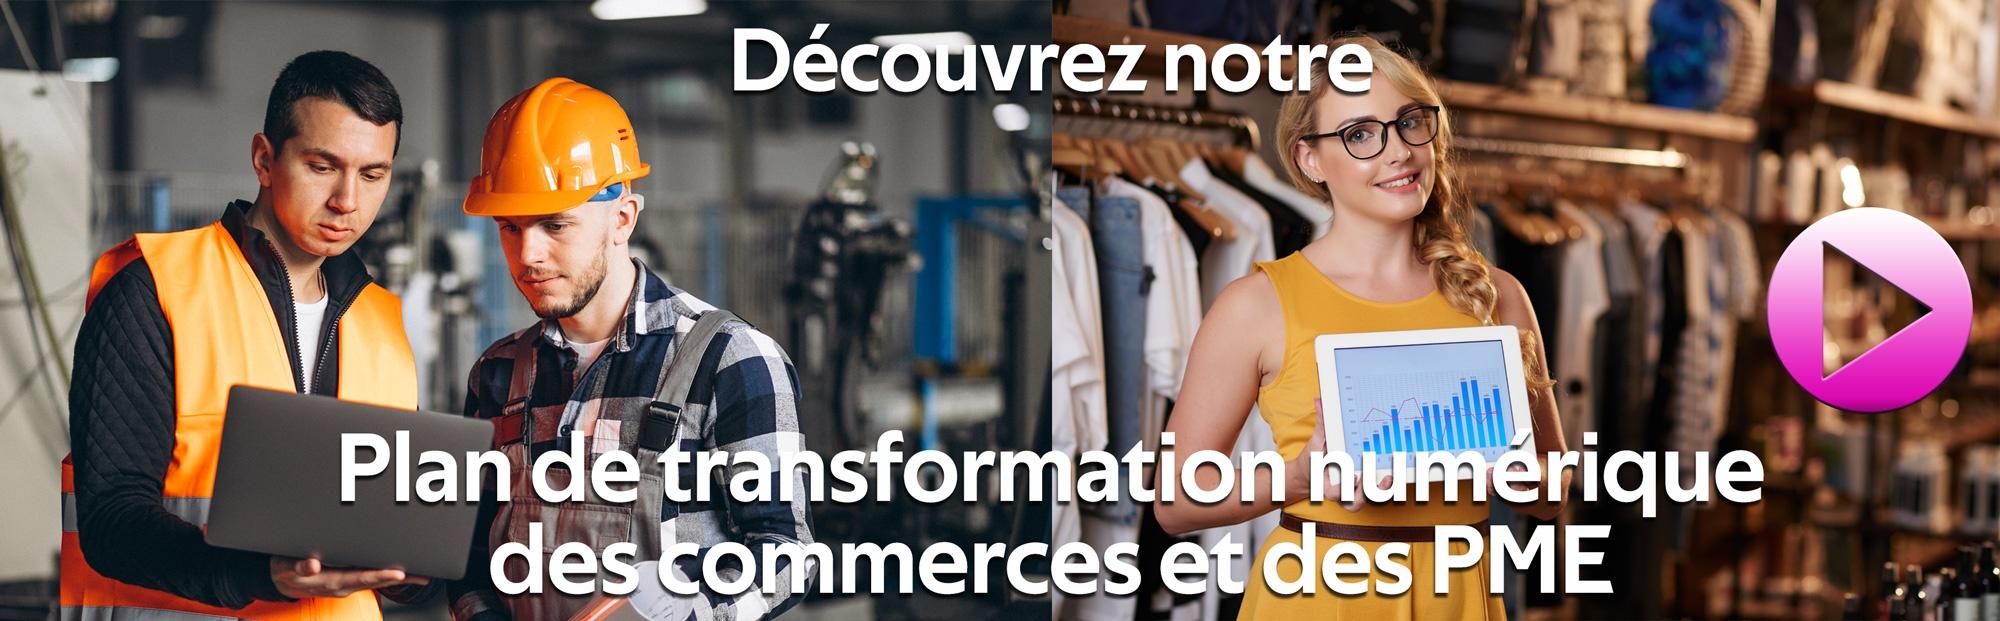 plan de transformation numérique des commerces et des PME agence stratégies rouen normandie marketing 360 creation de site e-commerce oxatis formation OPCO CPF